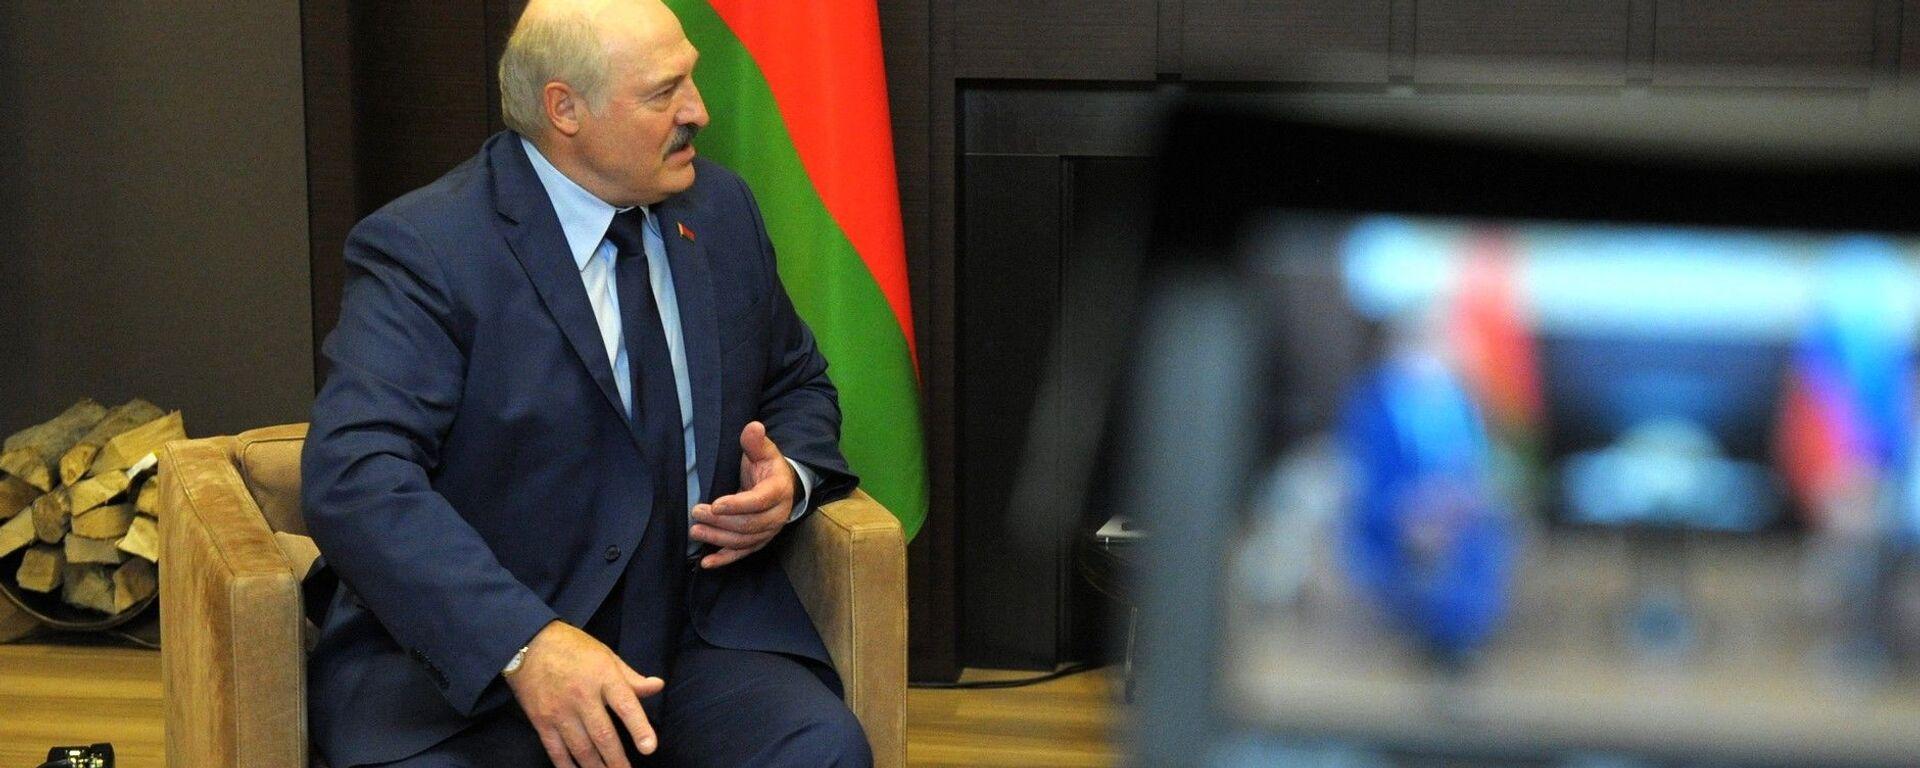 Prezydent Białorusi Alaksandr Łukaszenka podczas spotkania z prezydentem Rosji Władimirem Putinem - Sputnik Polska, 1920, 20.08.2021